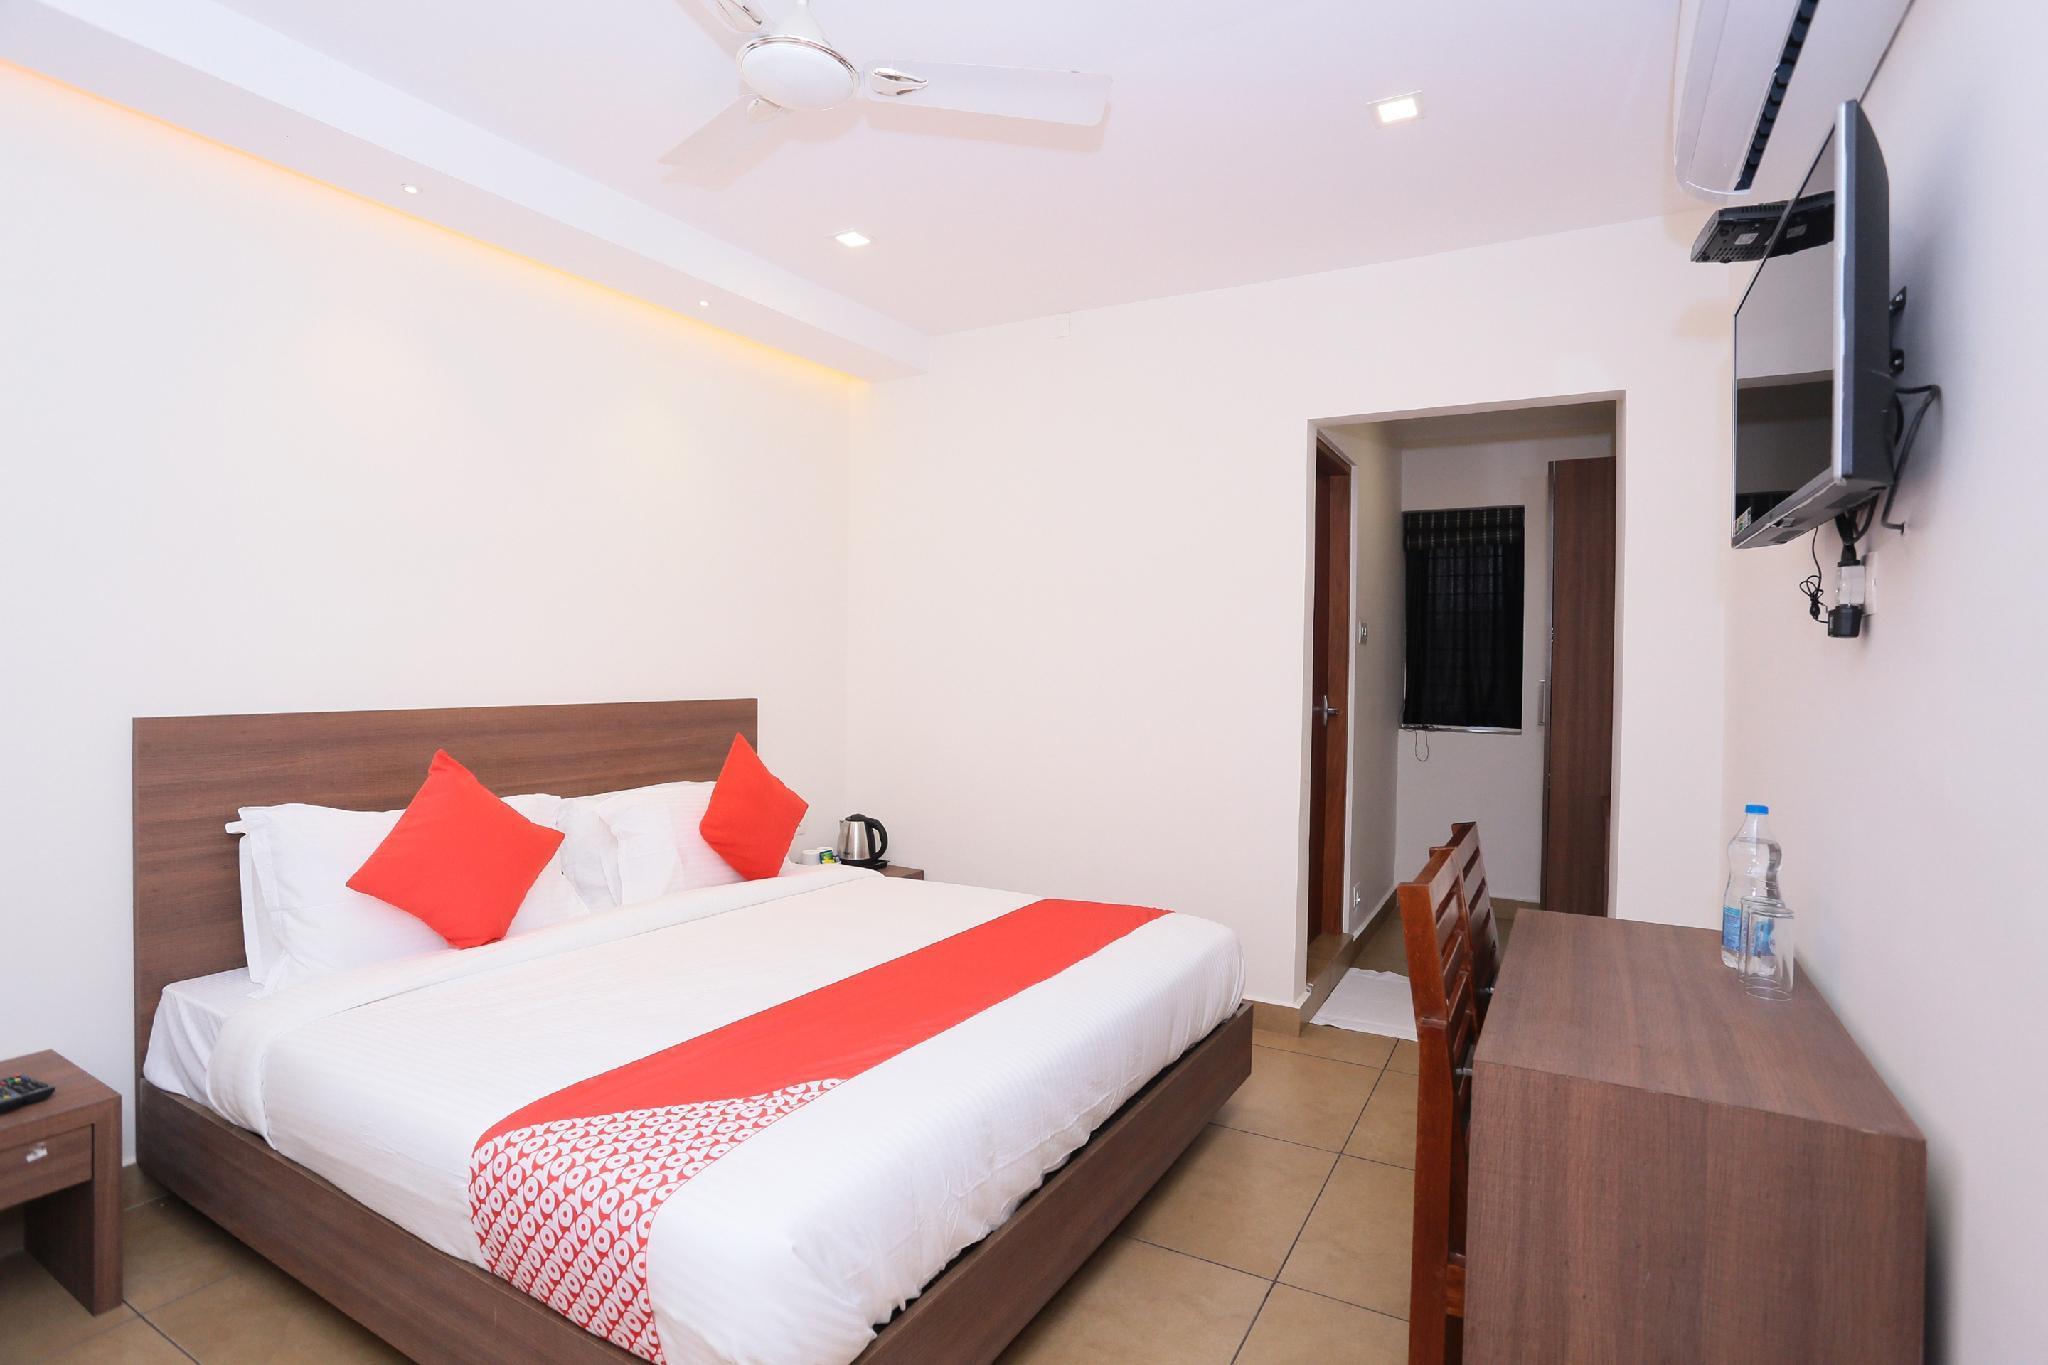 OYO 33481 Apsara, Thrissur